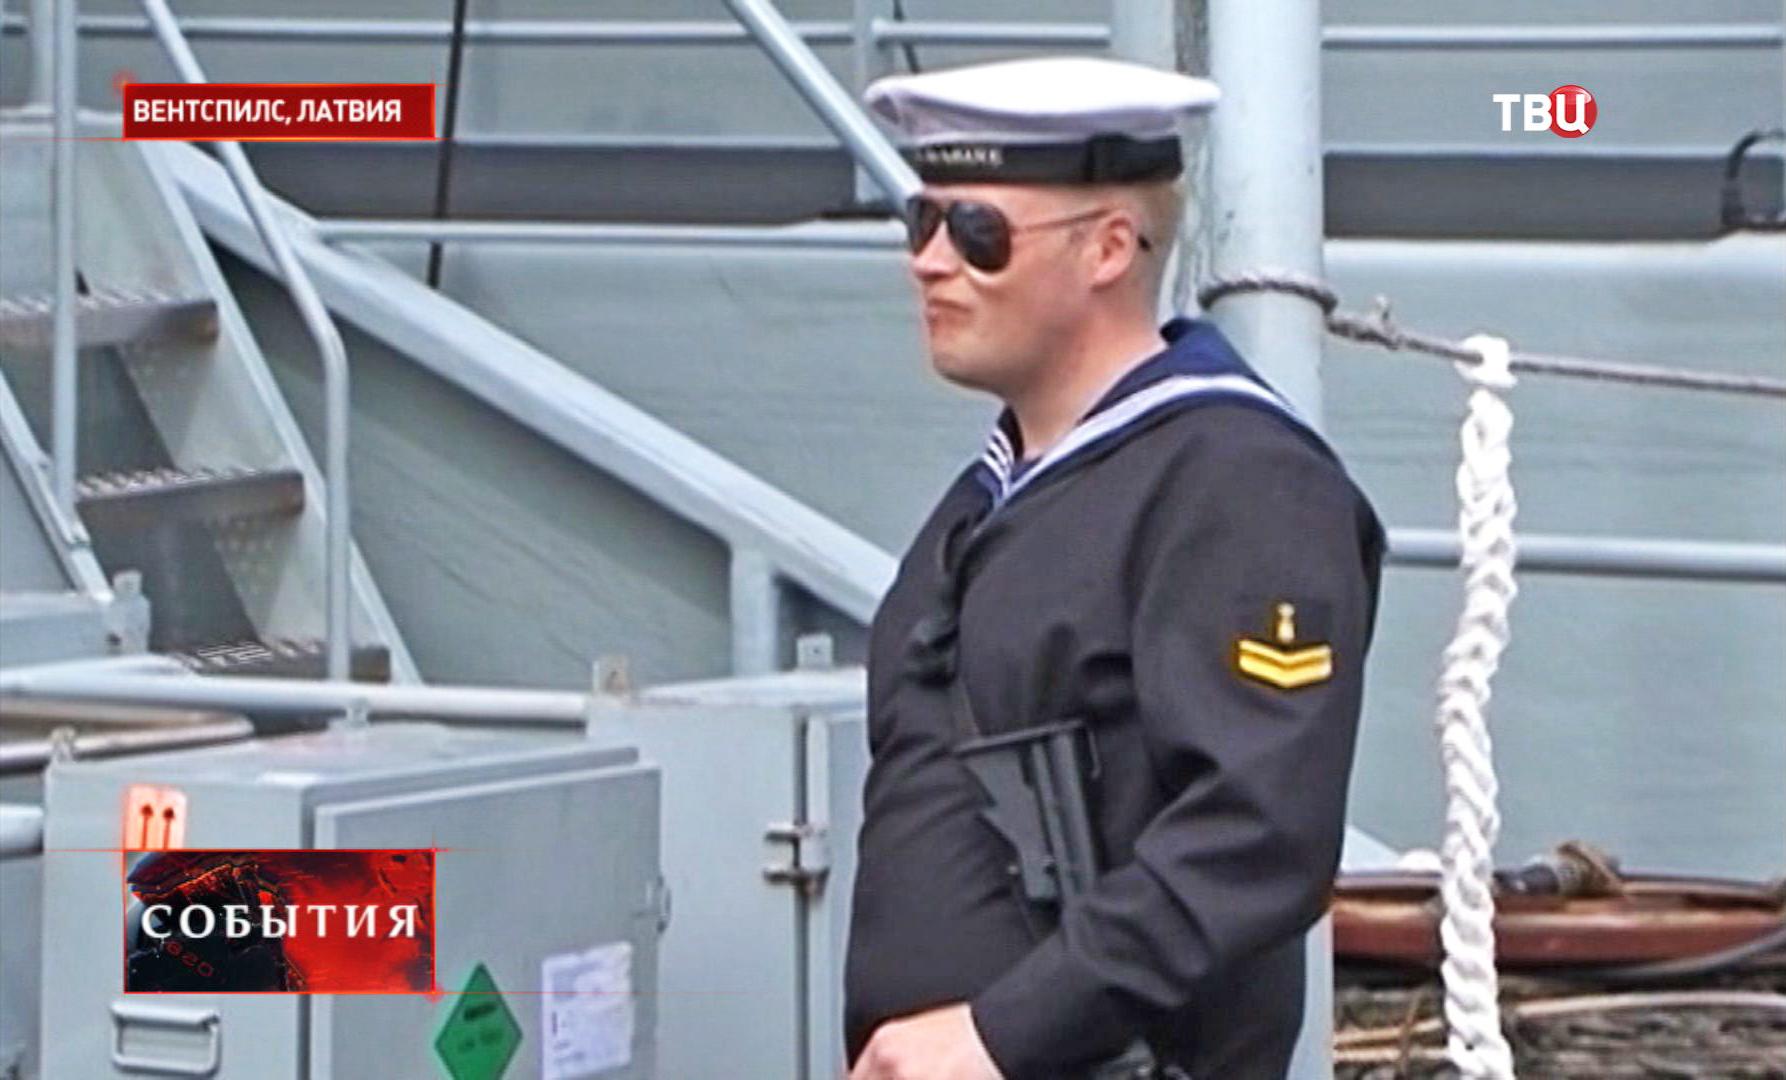 Моряк НАТО в Латвии